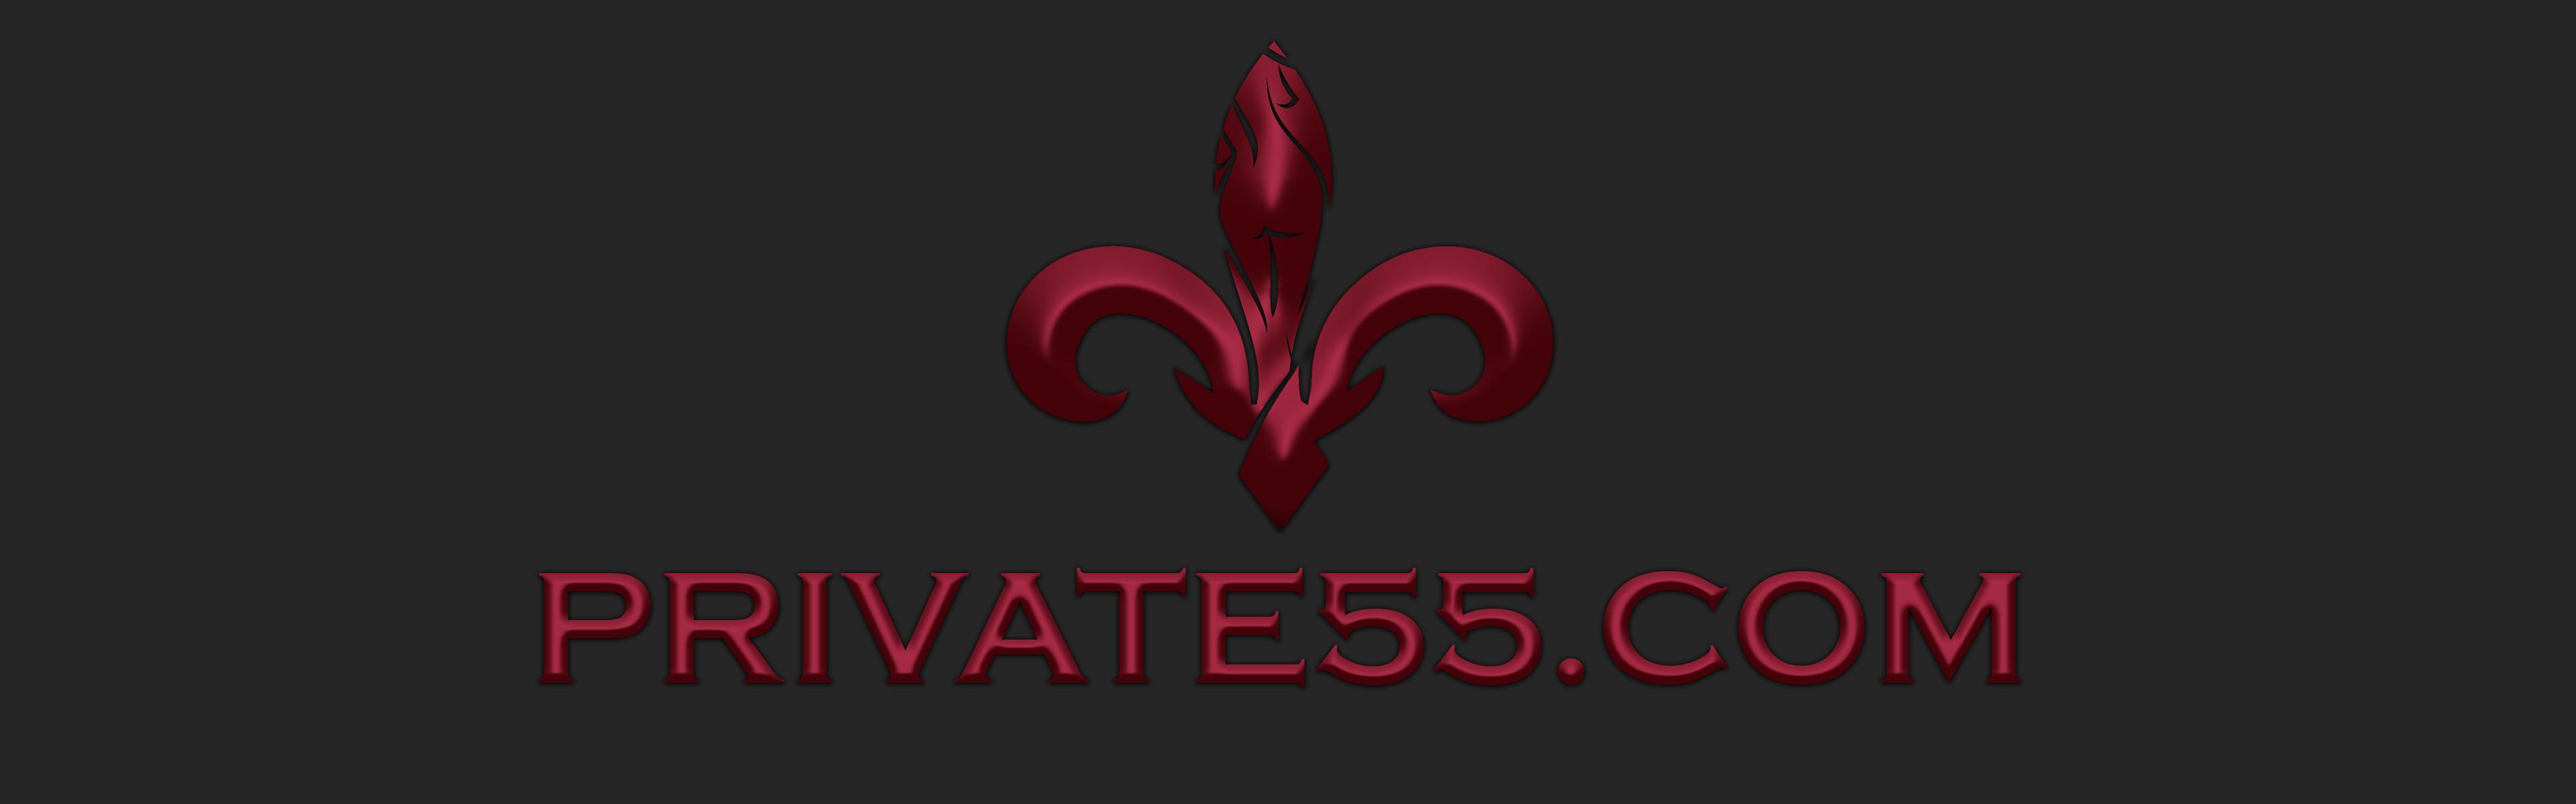 Private55.com Acomphantes de Luxo